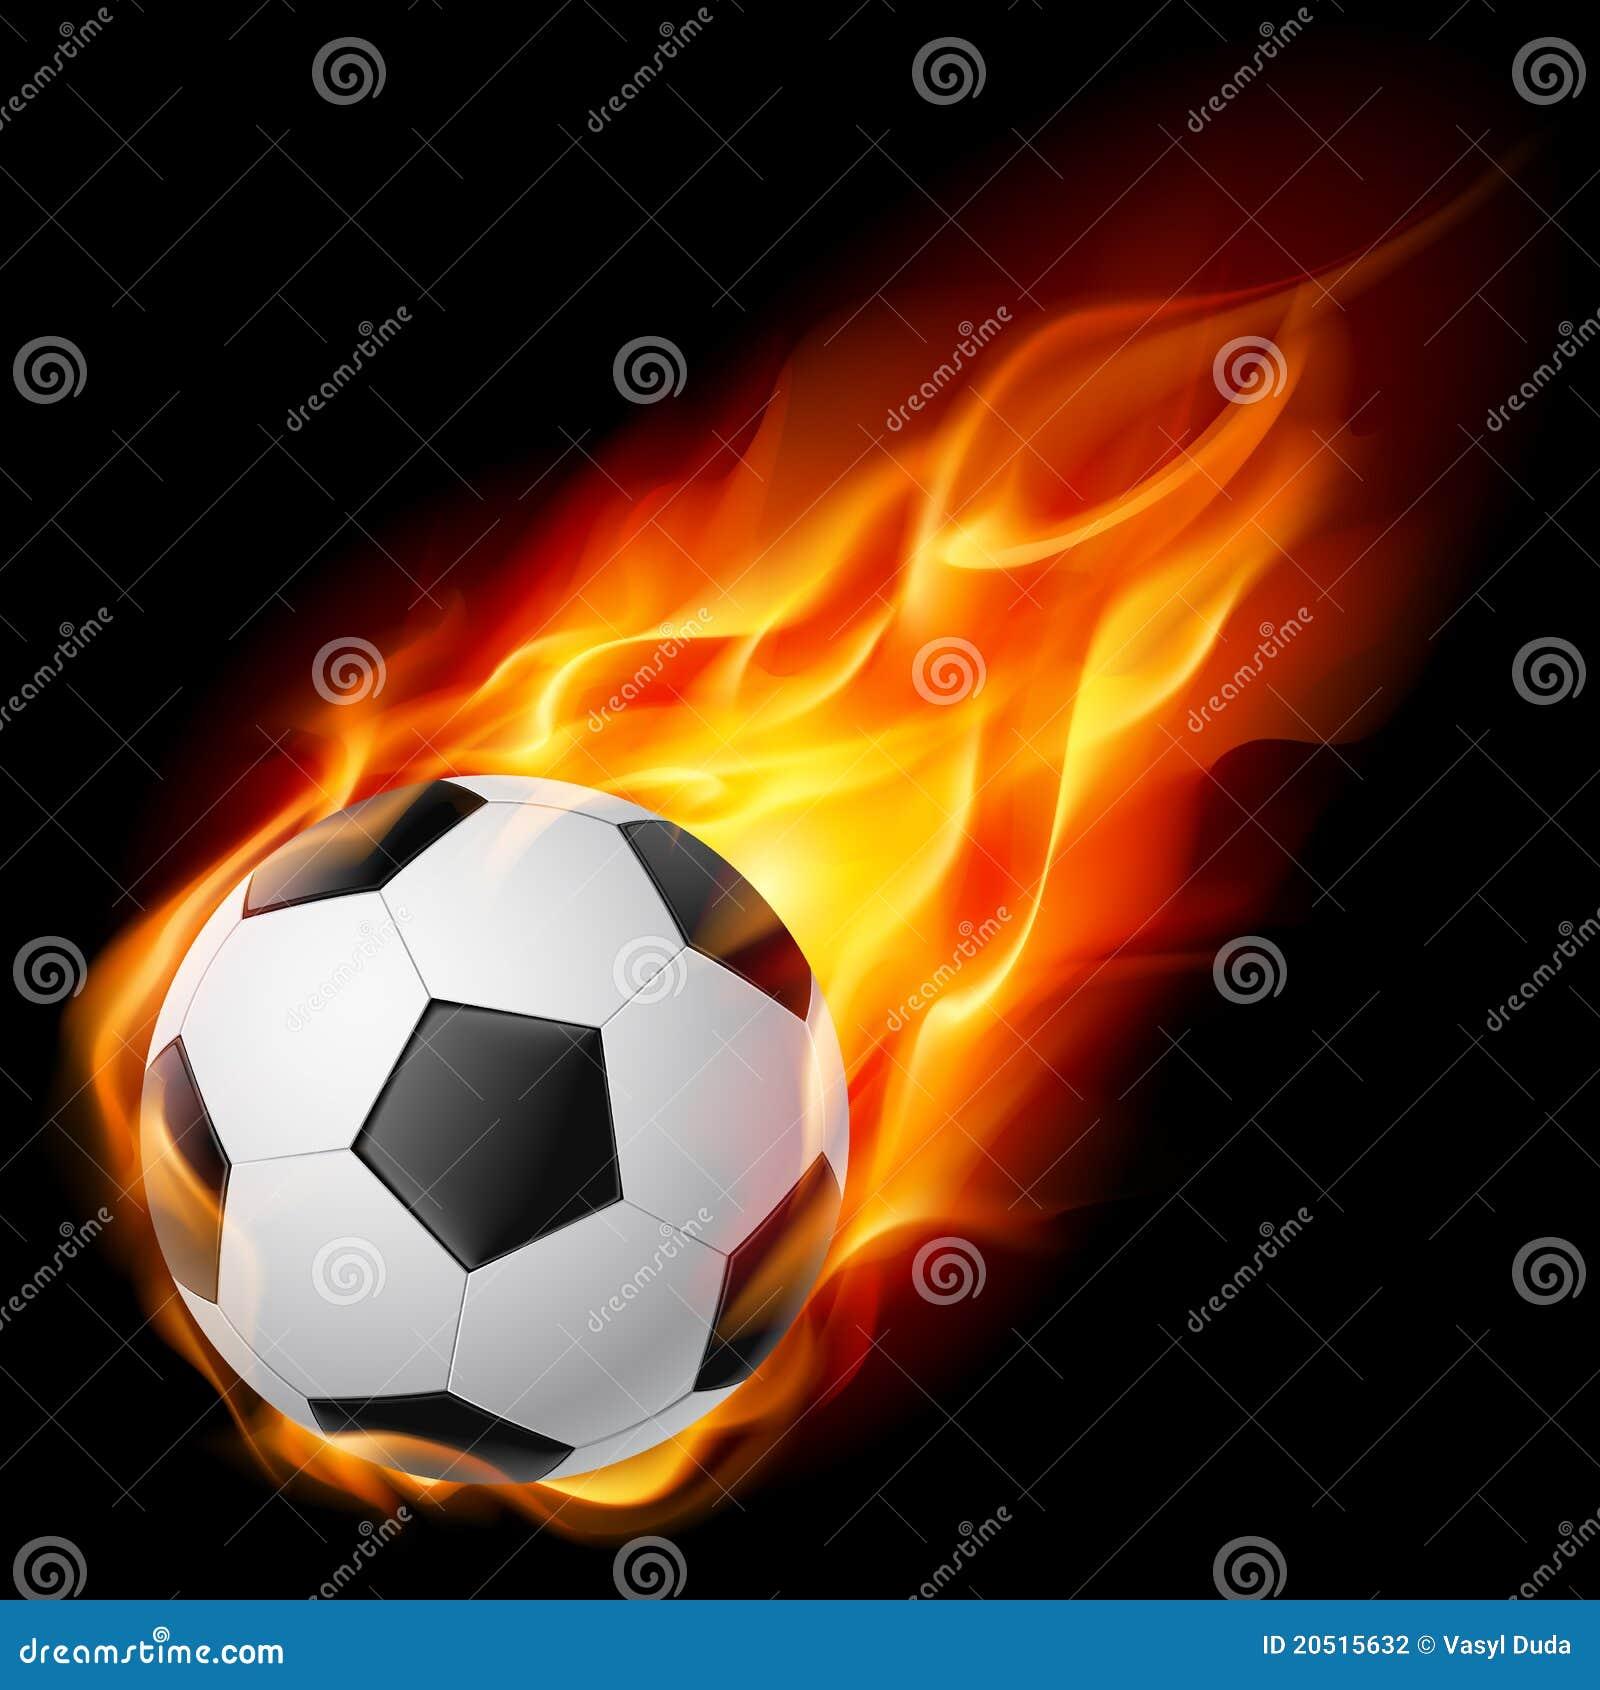 Soccer Ball On Fire St...